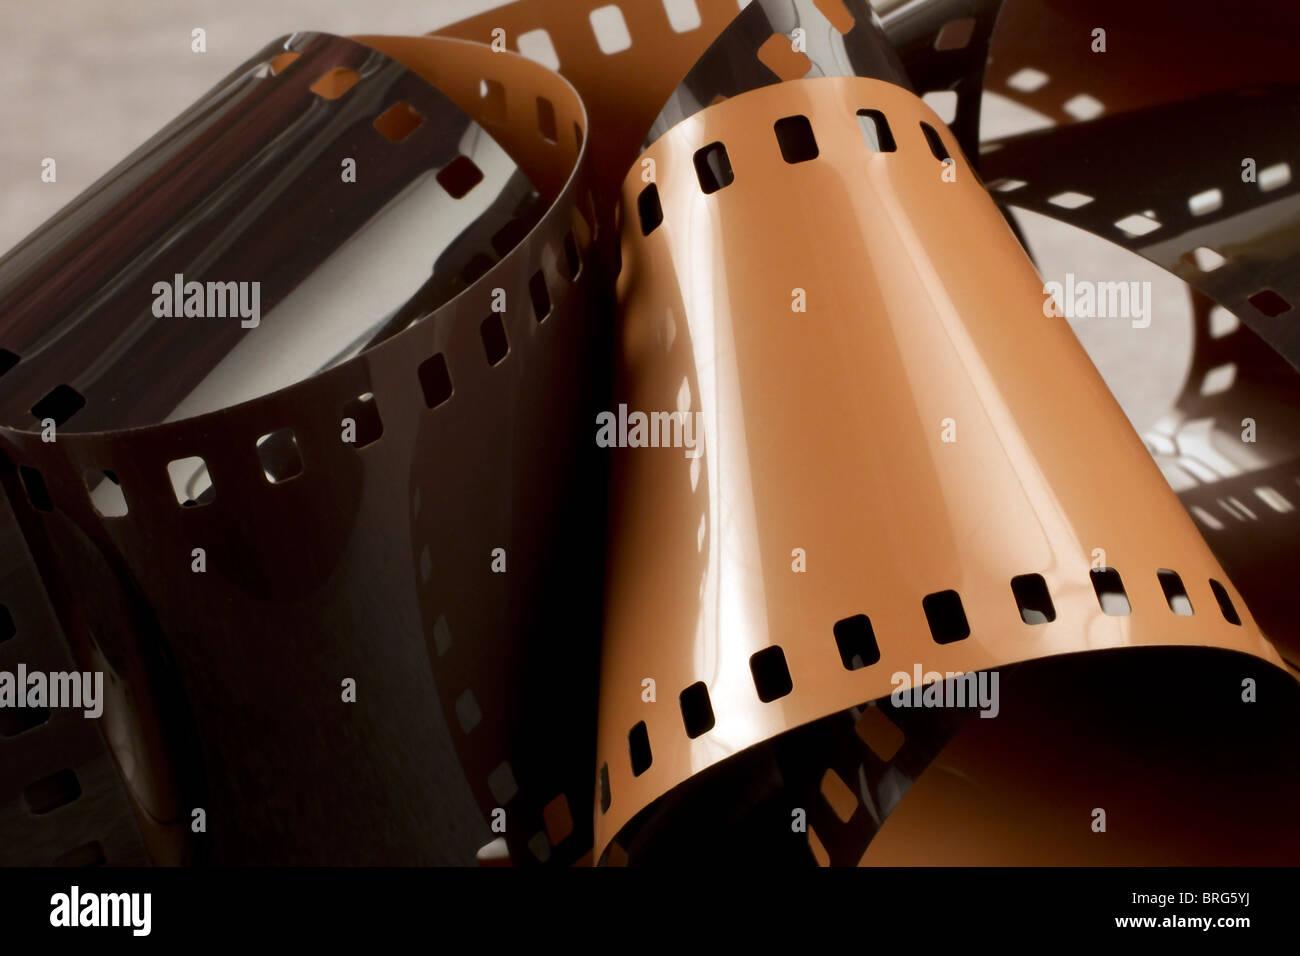 La fotografia pellicola 35mm, noto anche come formato 135. Immagini Stock